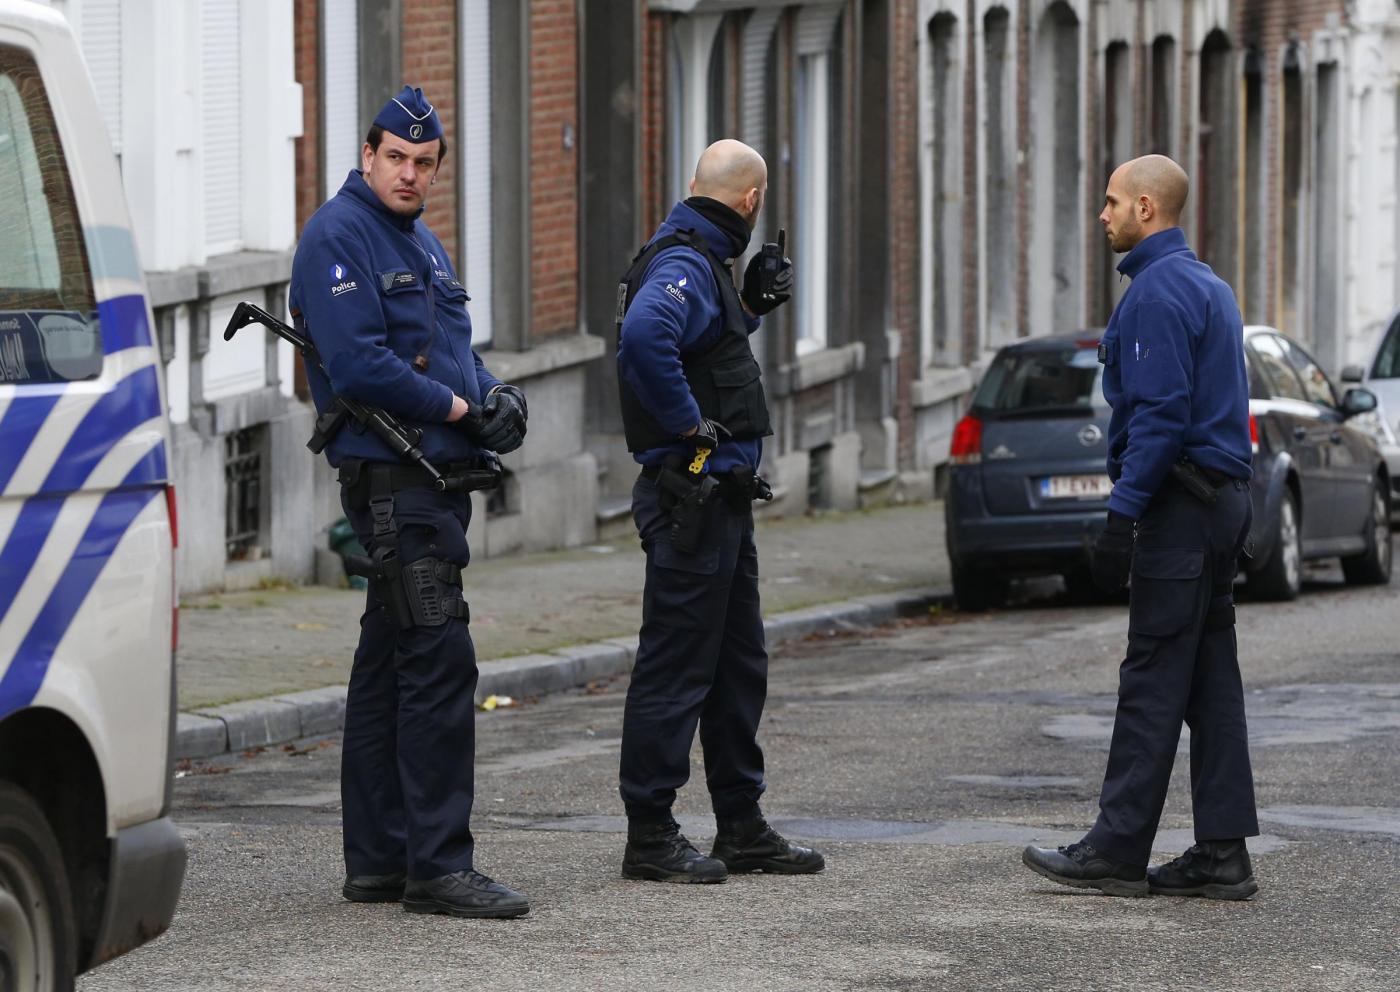 Belgio raffora sicurezza, militari a protezione siti sensibili